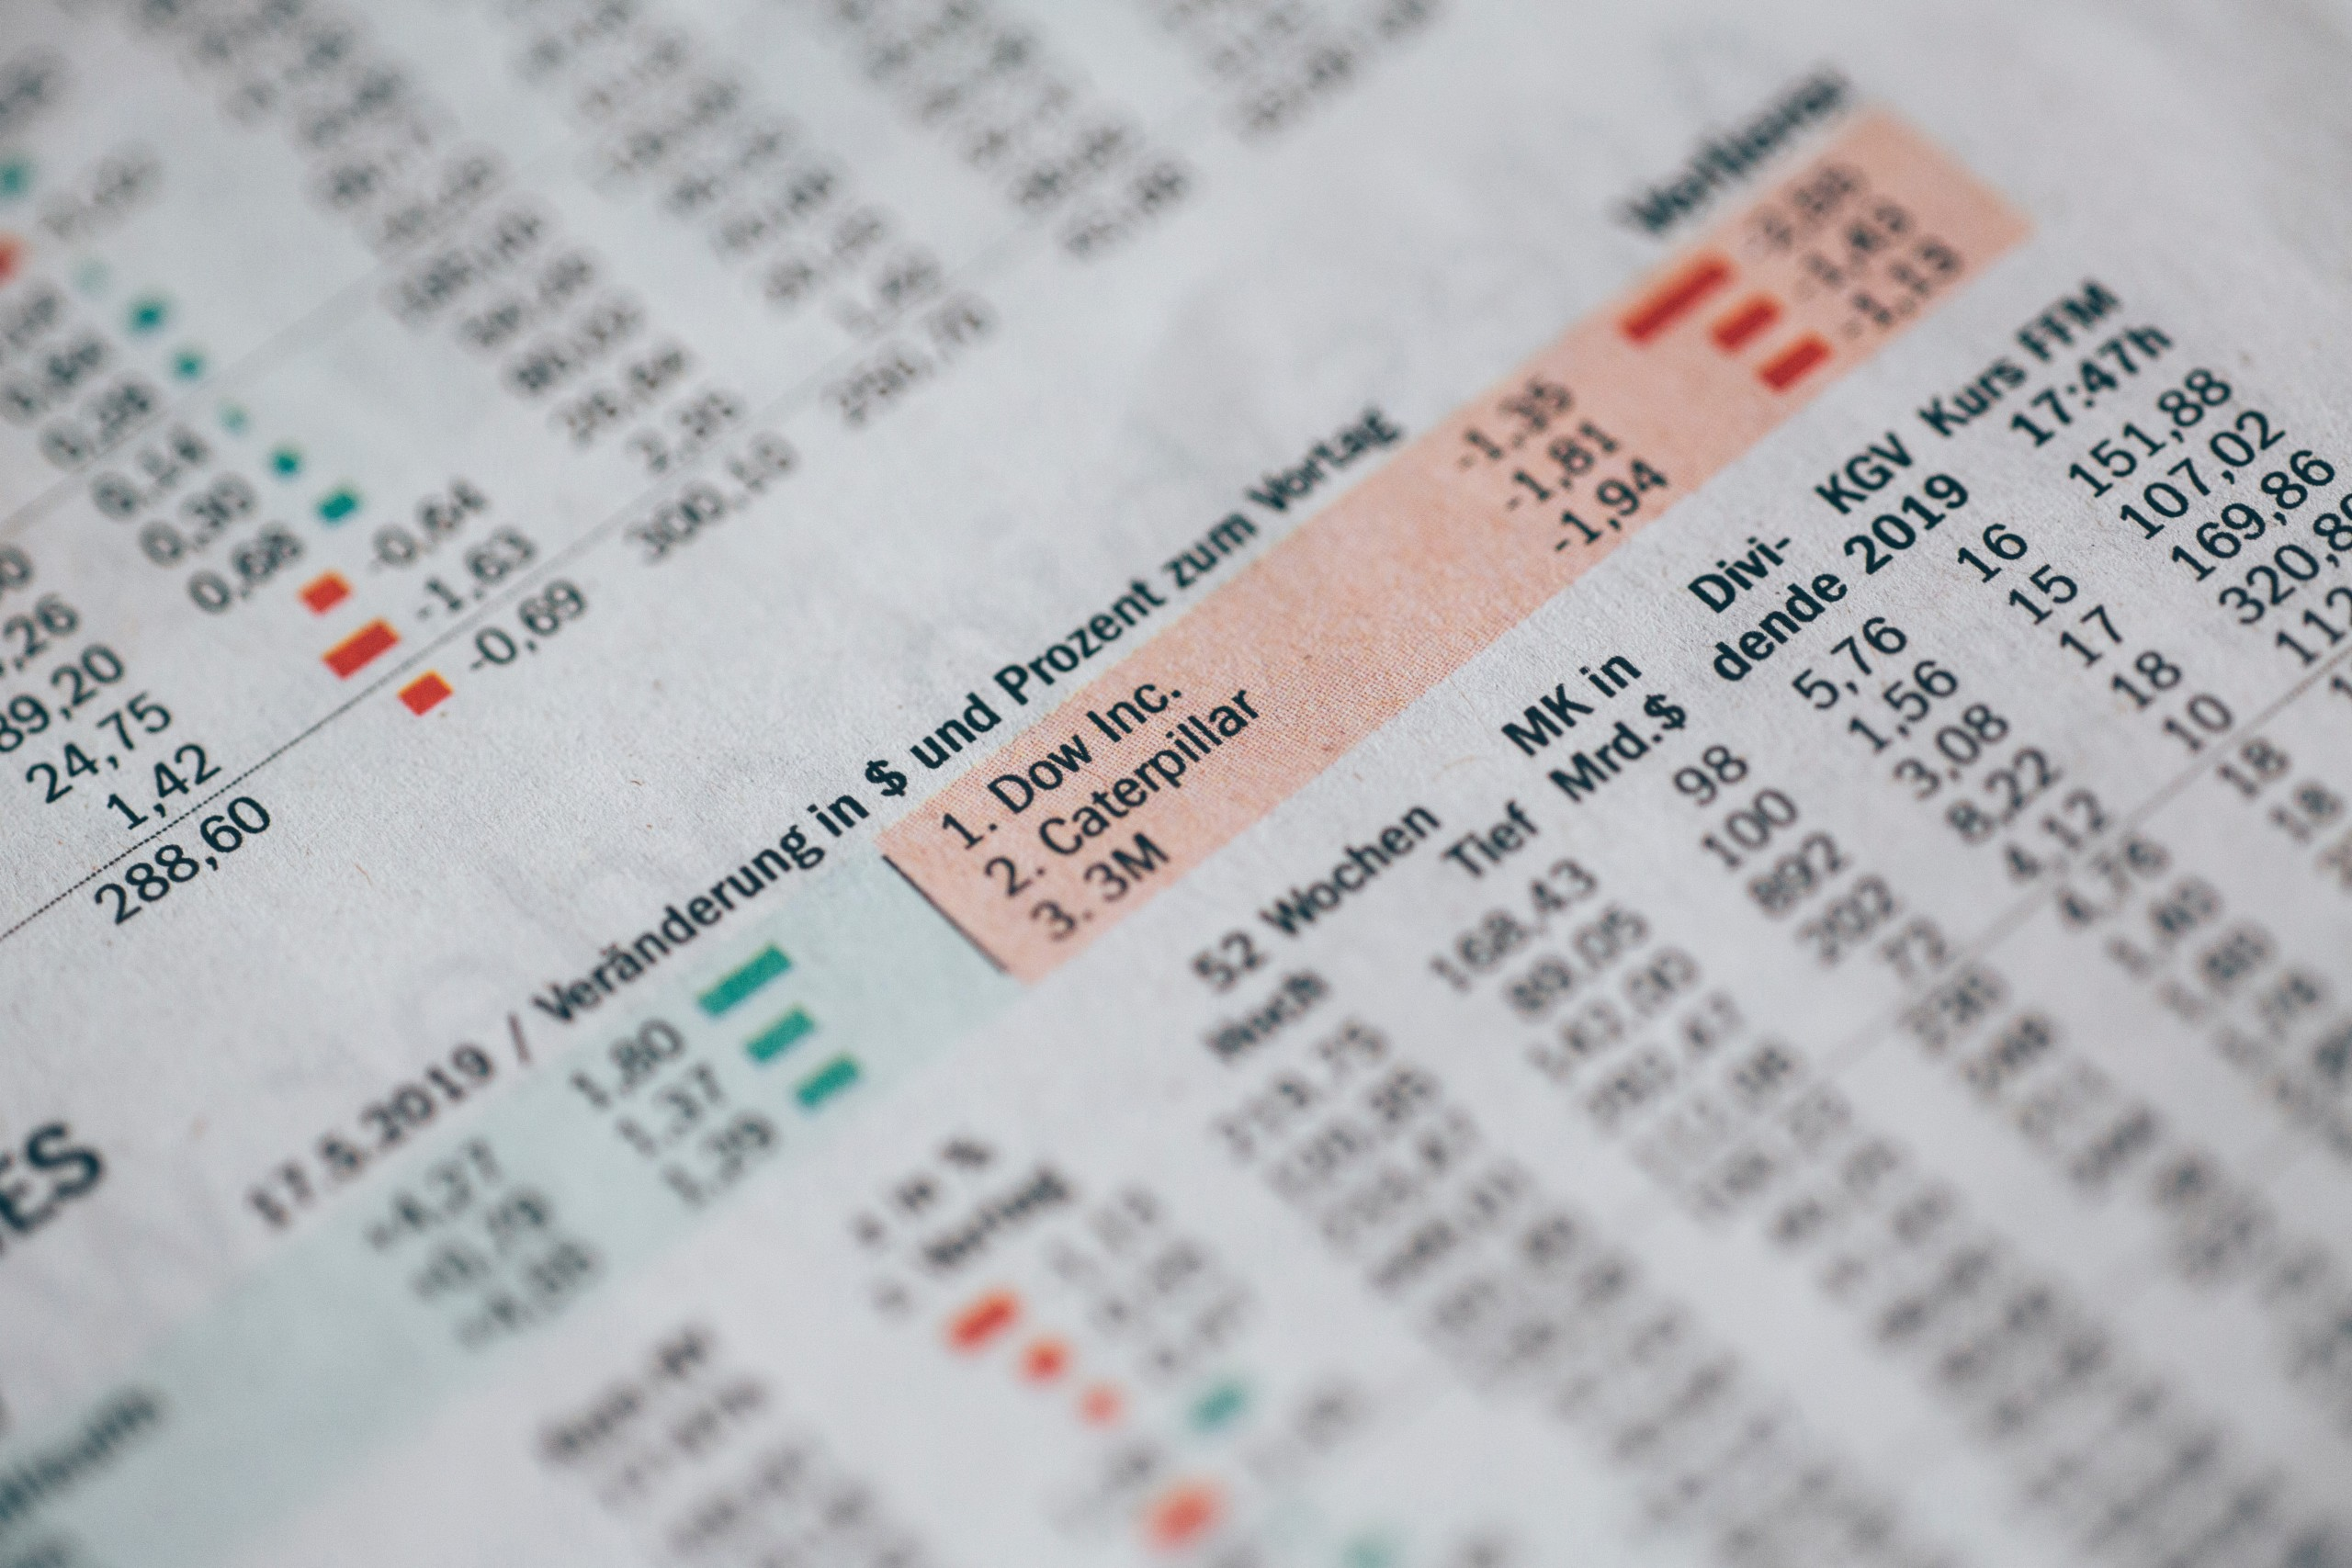 Tendance boursière négative